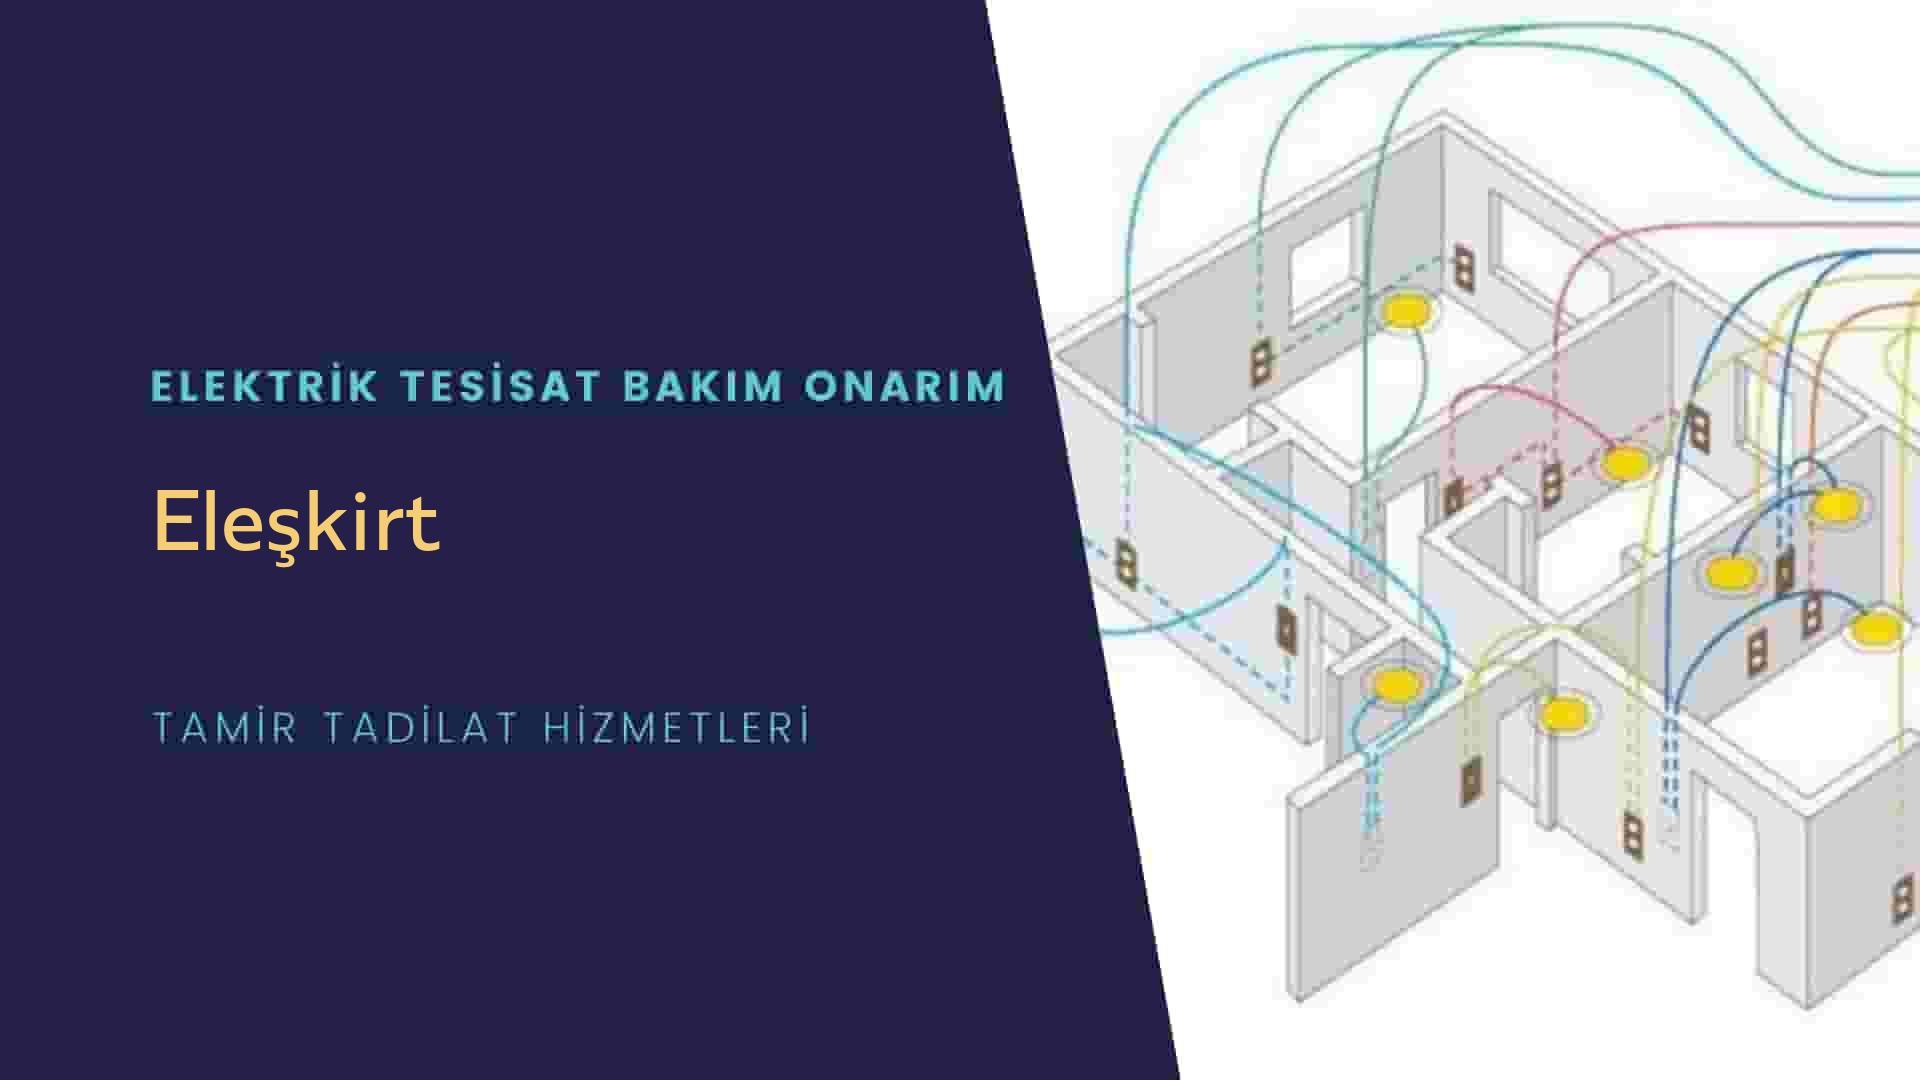 Eleşkirt'te elektrik tesisatıustalarımı arıyorsunuz doğru adrestenizi Eleşkirt elektrik tesisatı ustalarımız 7/24 sizlere hizmet vermekten mutluluk duyar.